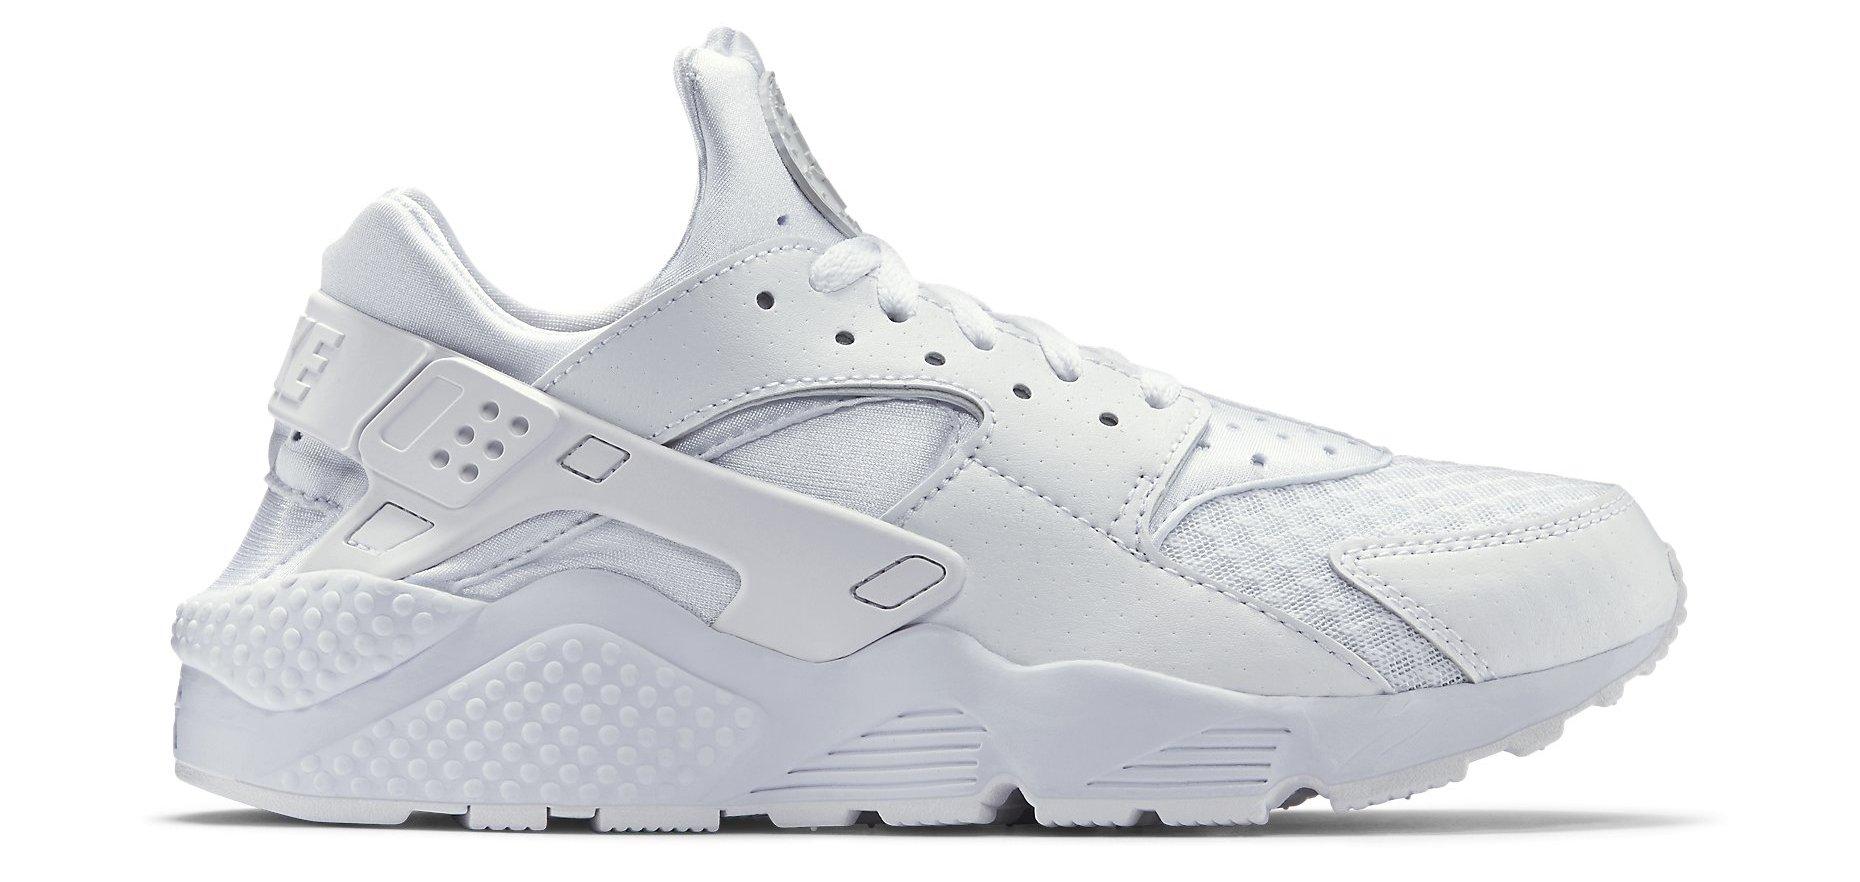 c3e8f973c Obuv Nike AIR HUARACHE 318429-111 - Glami.cz